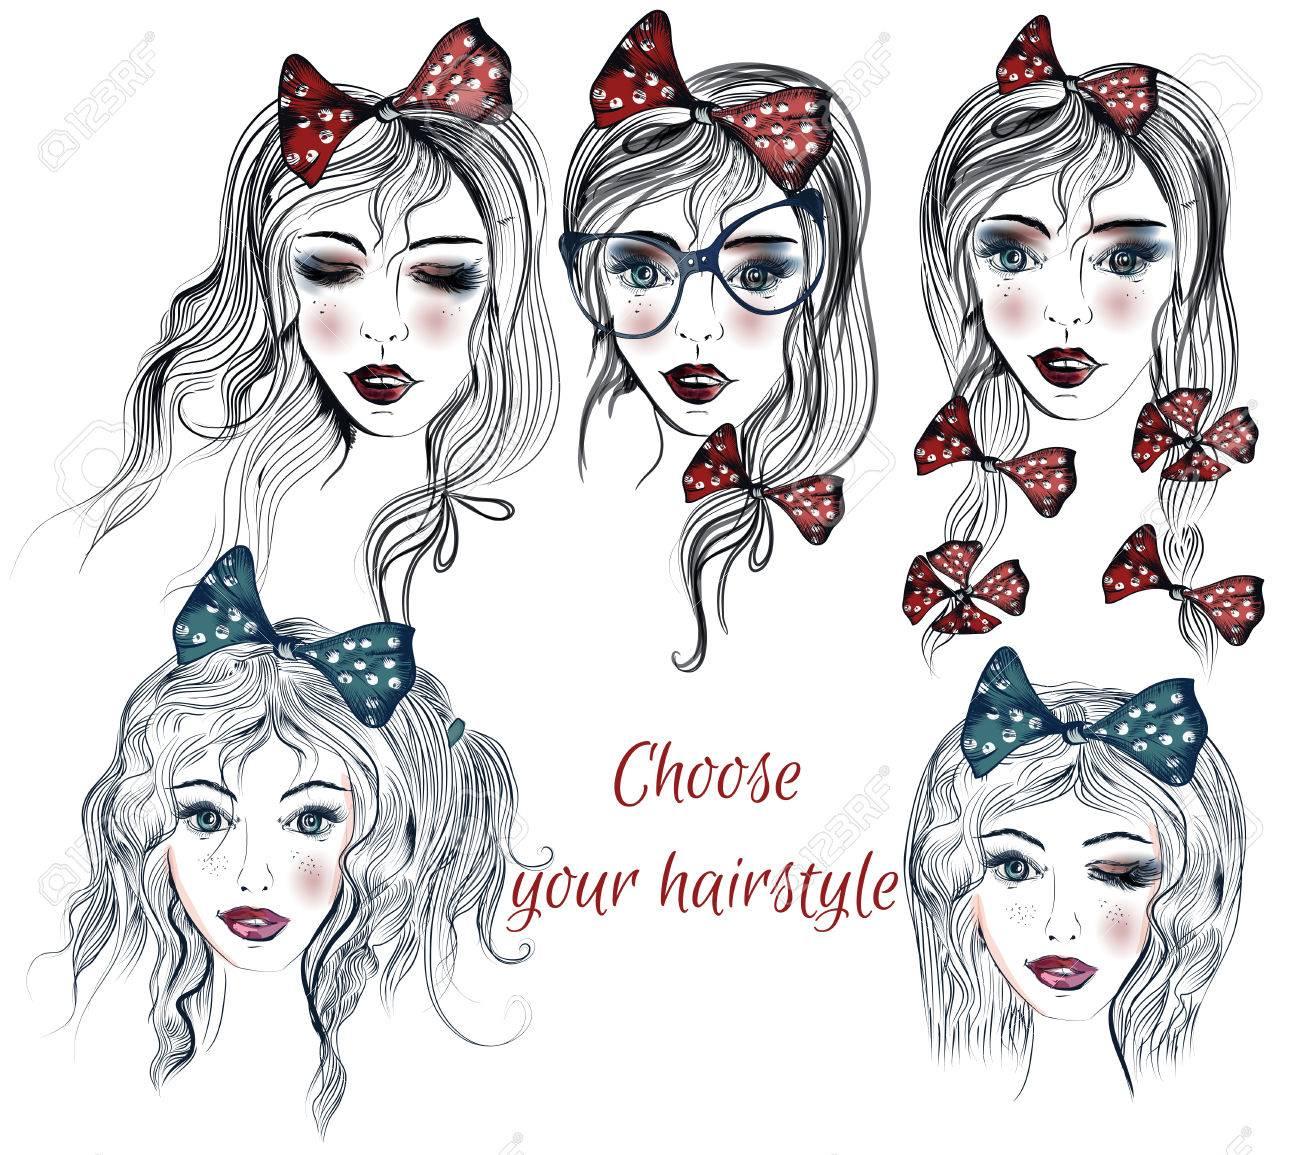 別の髪型で可愛い女の子の顔とファッションのイラストは自由に決めれます